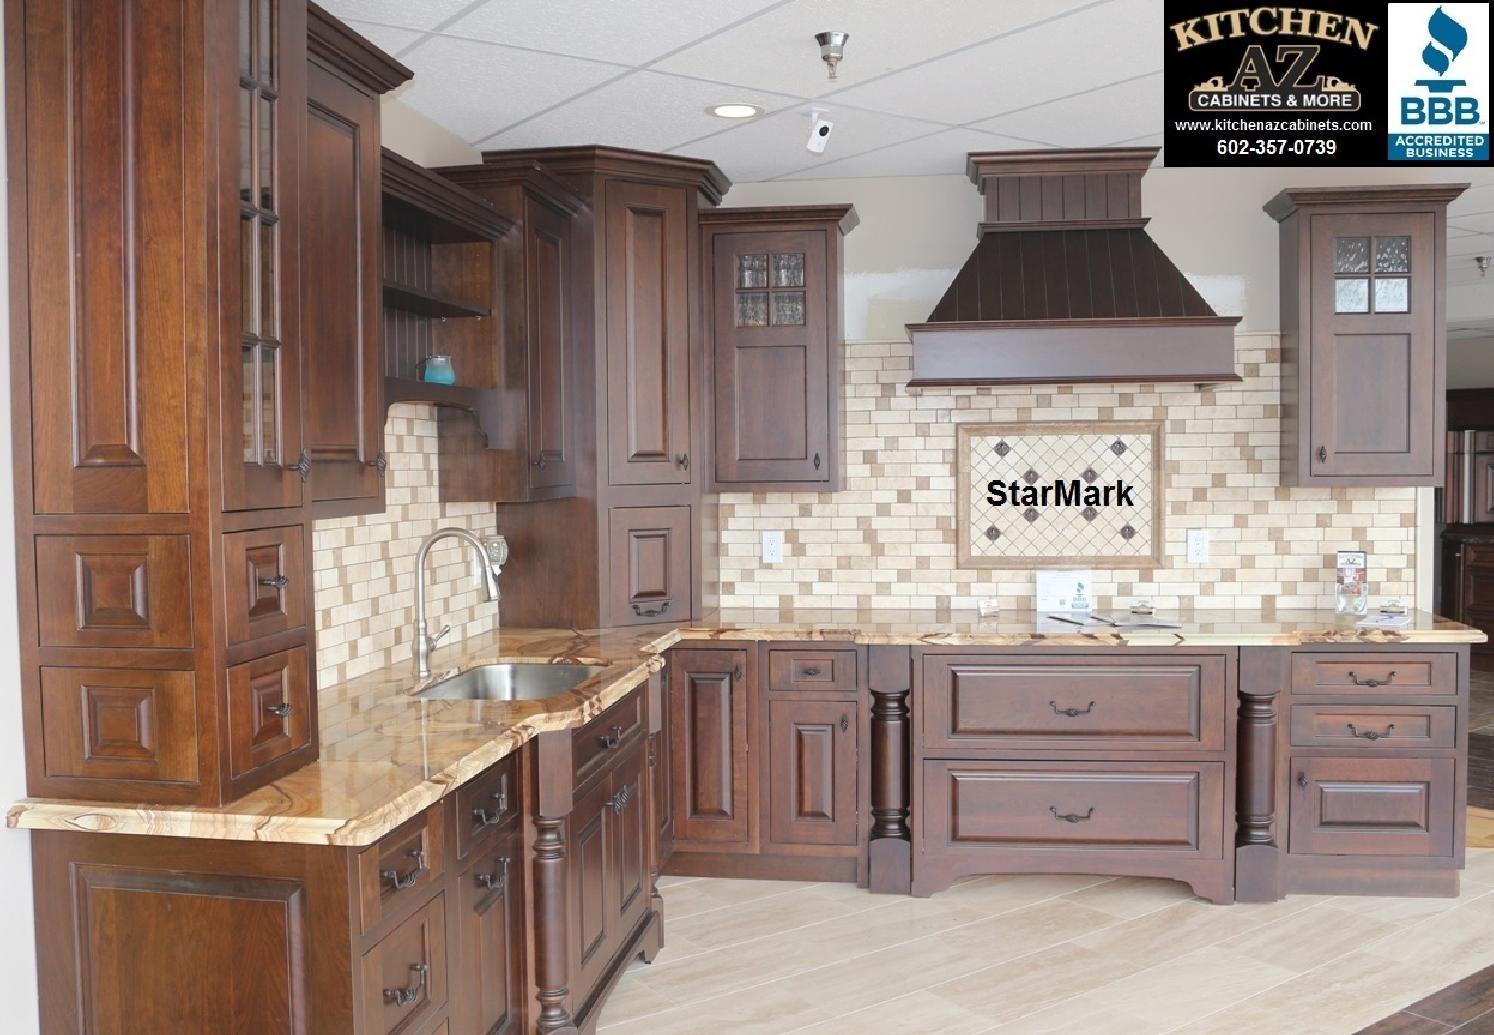 Inset door style kitchen cabinets in phoenix remodeling showroom ...